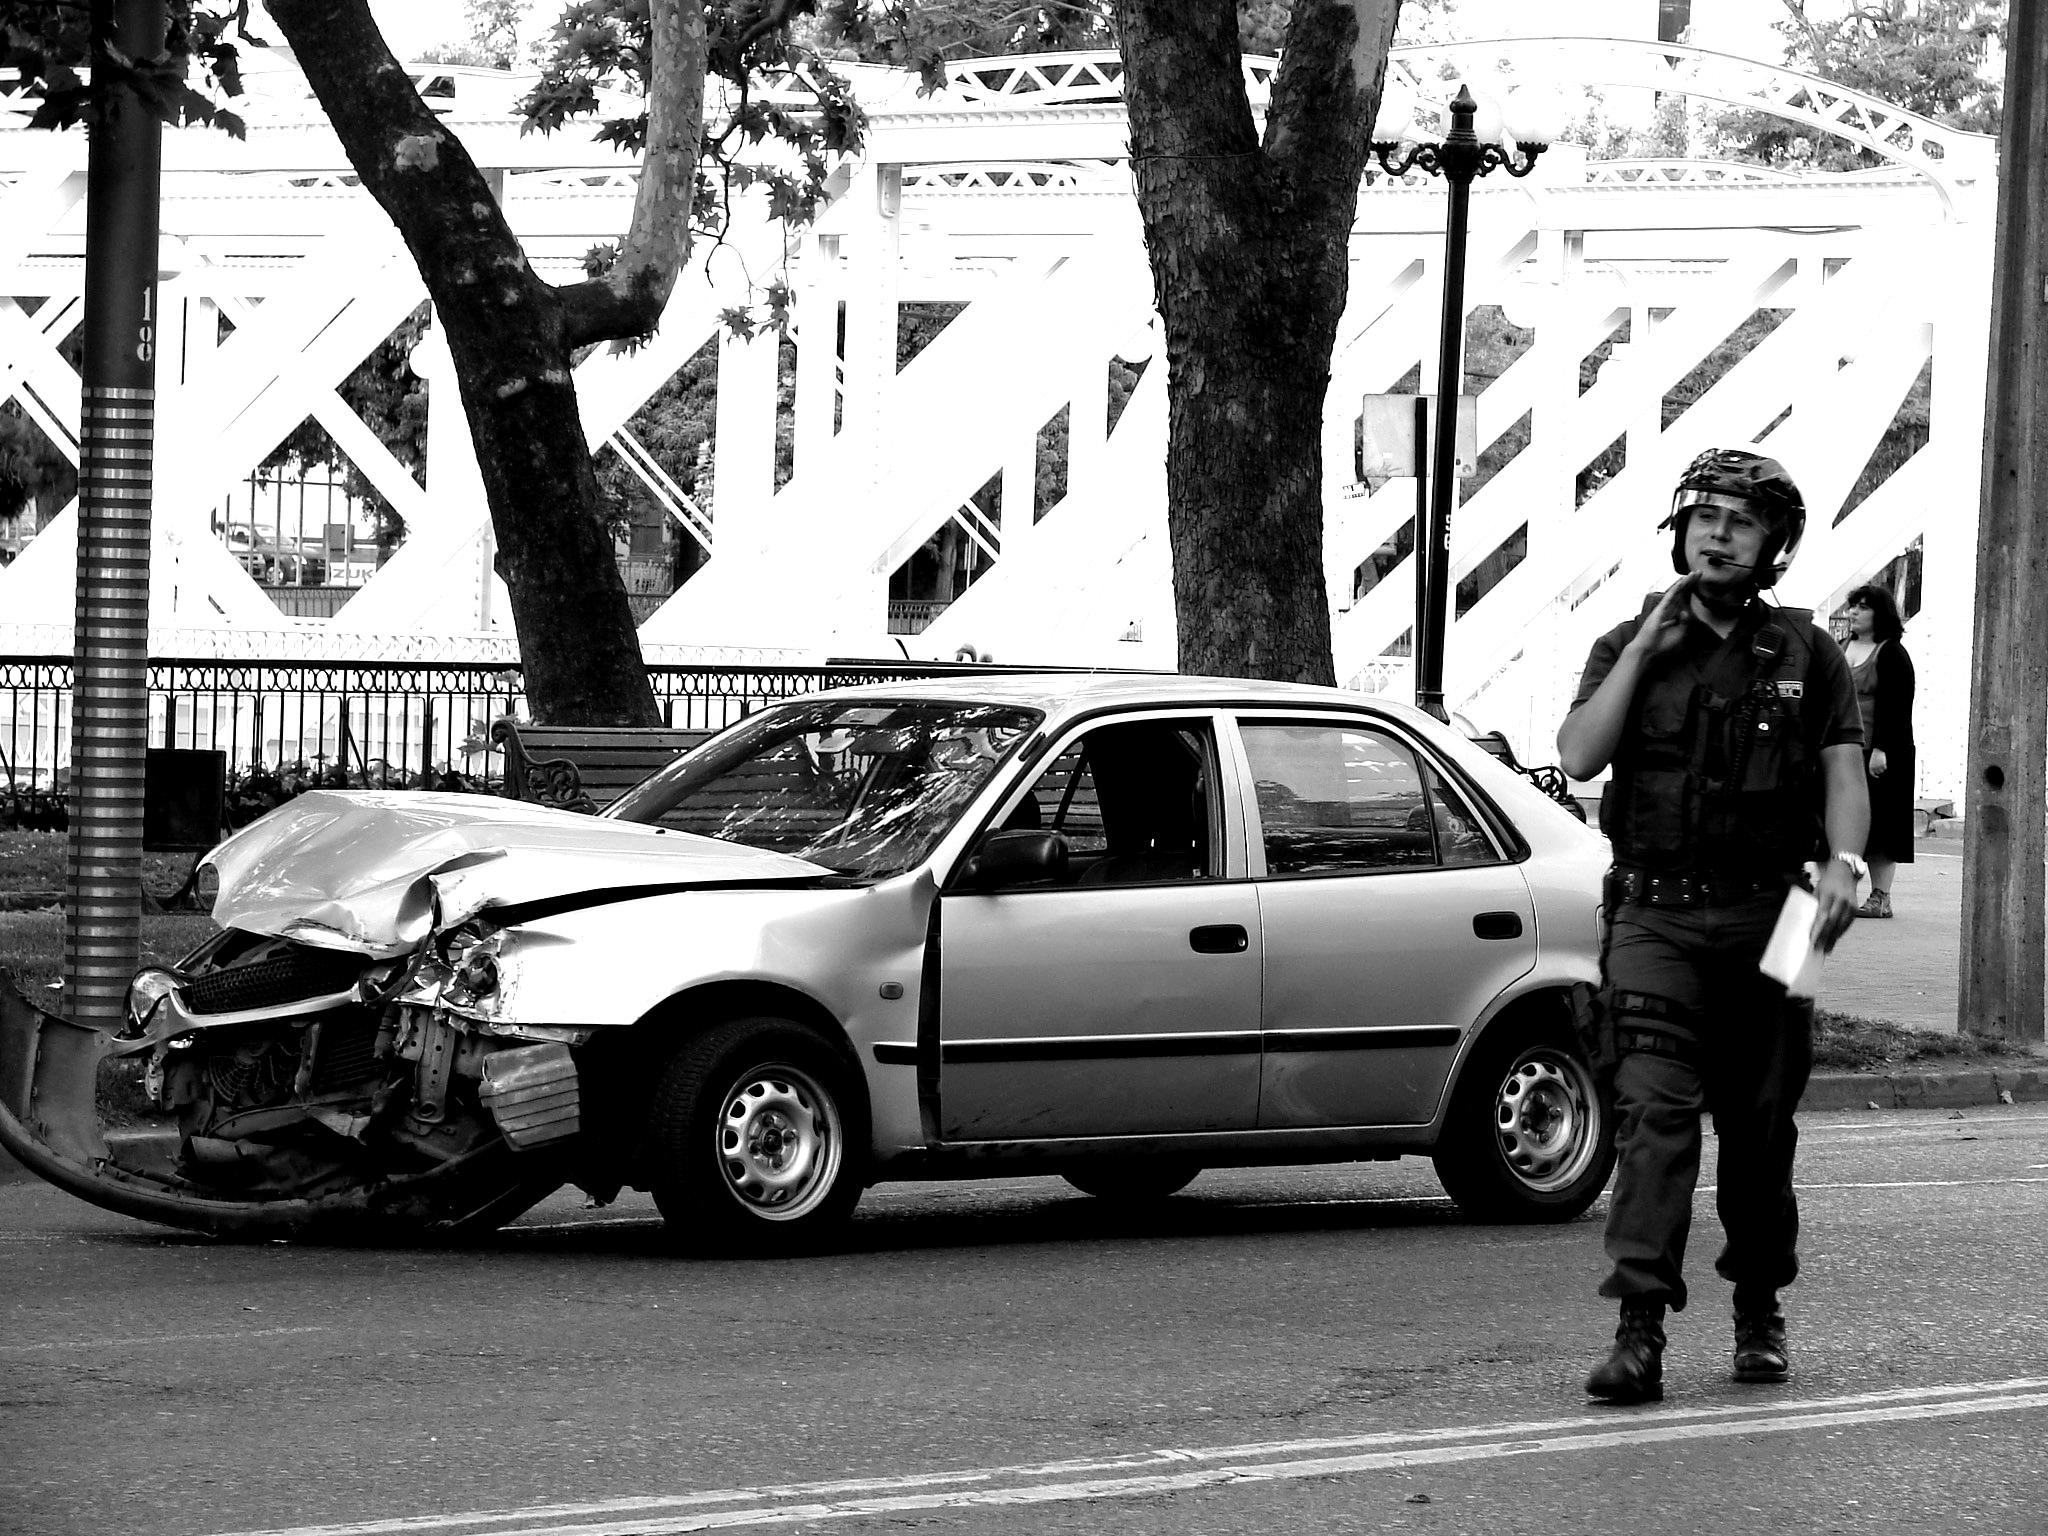 car-accident-1446905